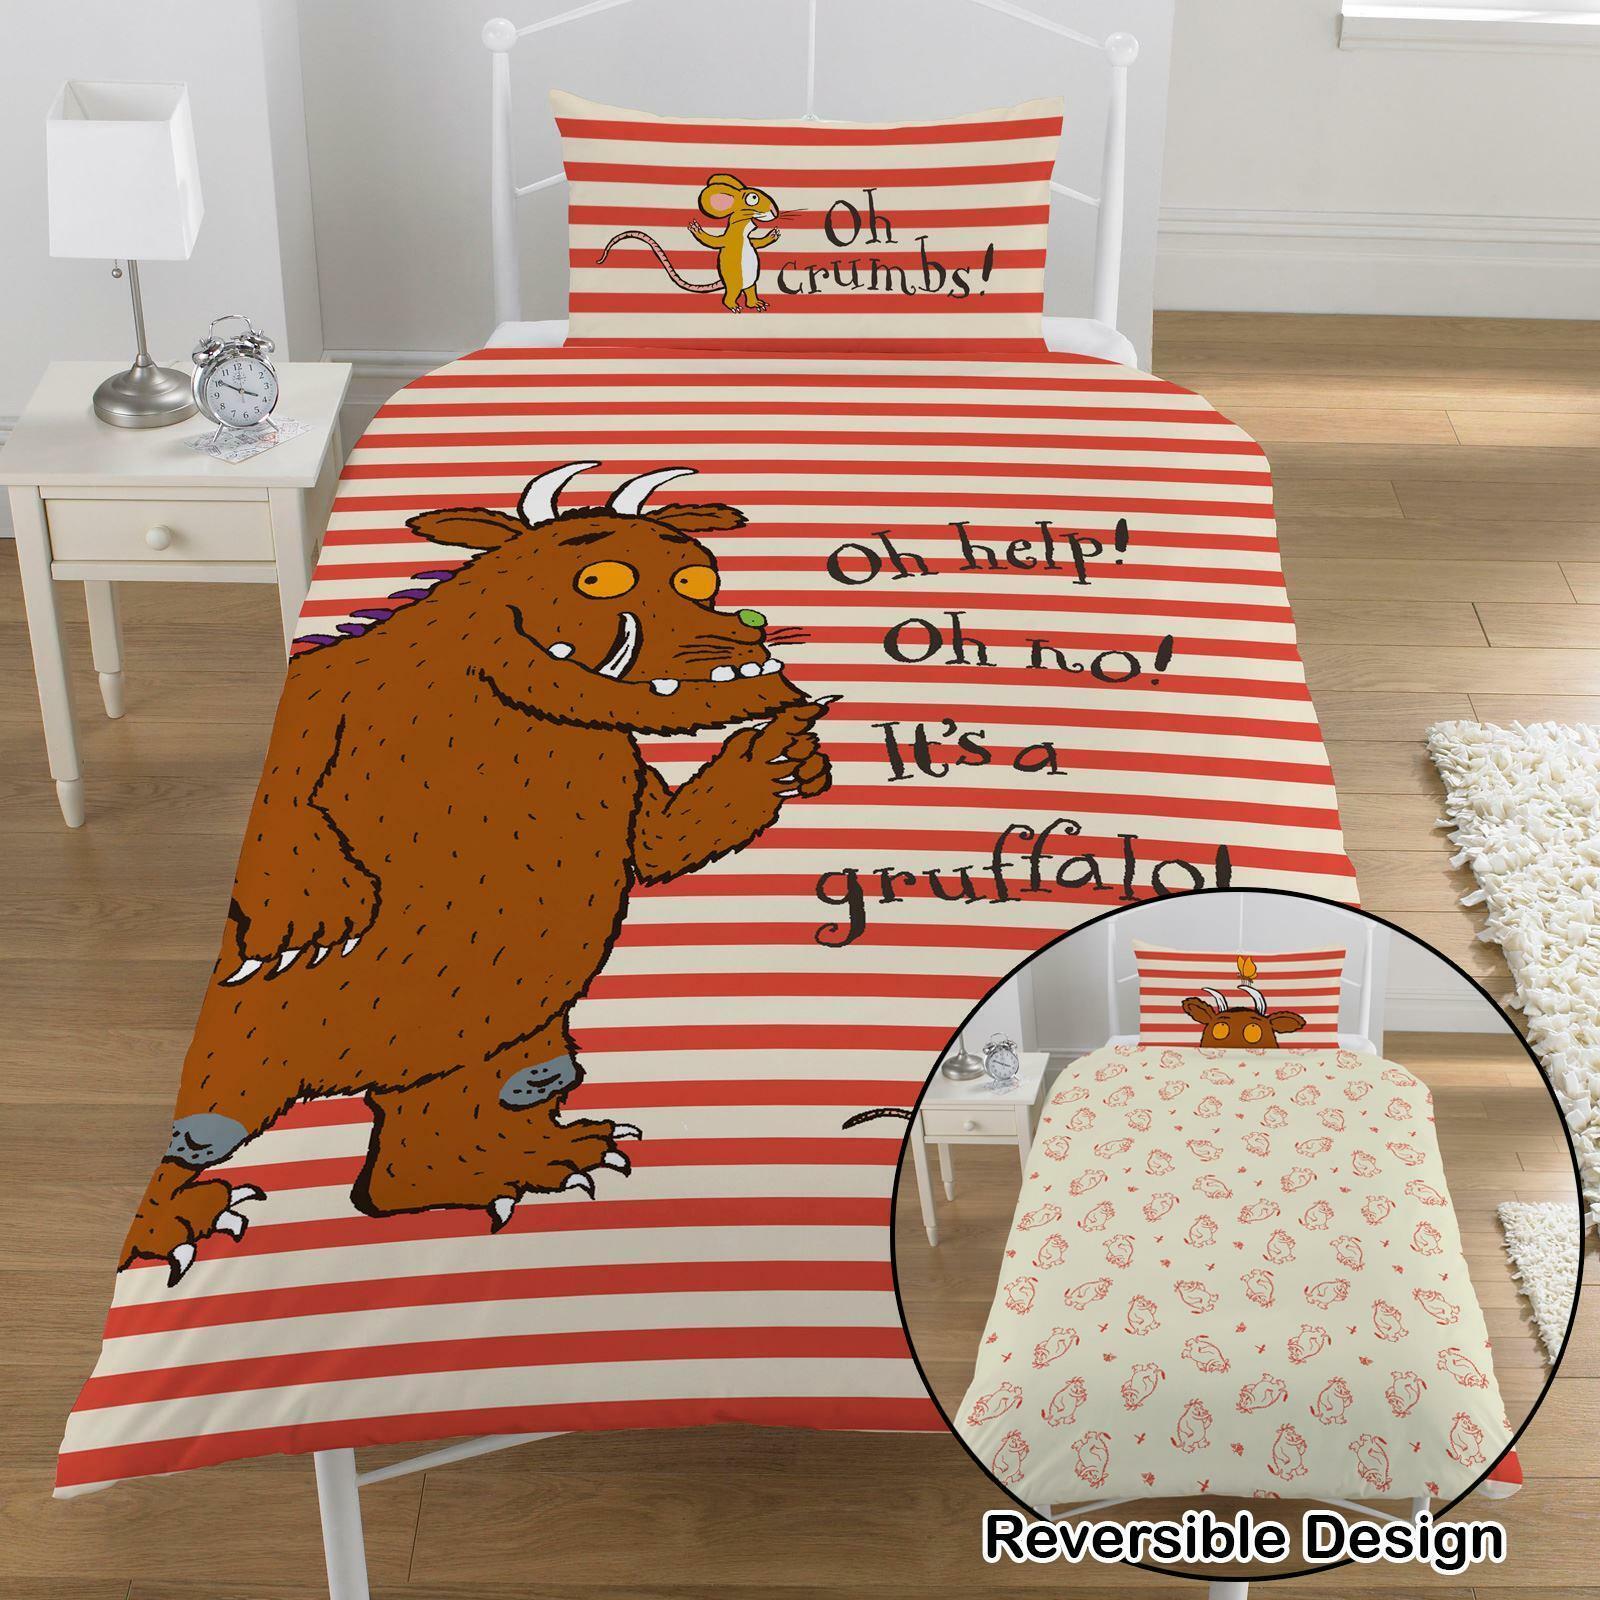 Gruffalo Oh Help Einzelbettbezug Set 100% Baumwolle Kinder Orange Wendbar